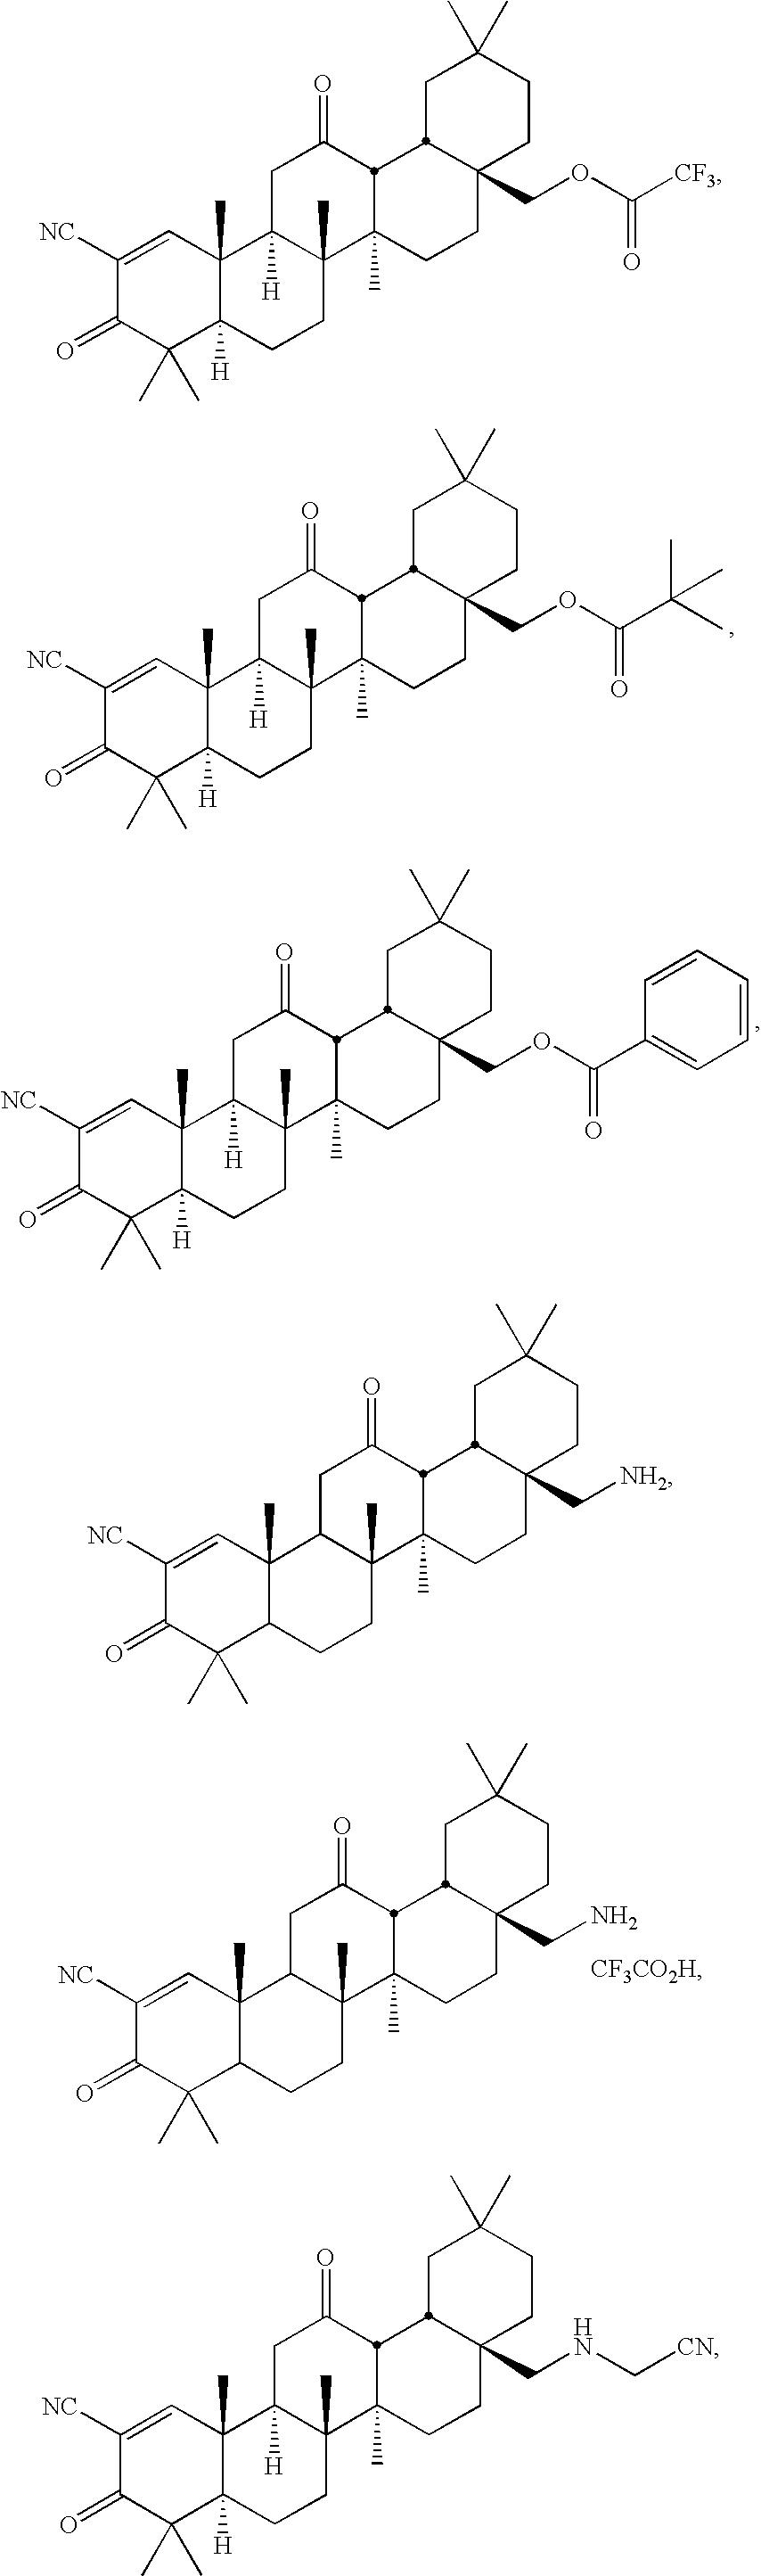 Figure US20100041904A1-20100218-C00107